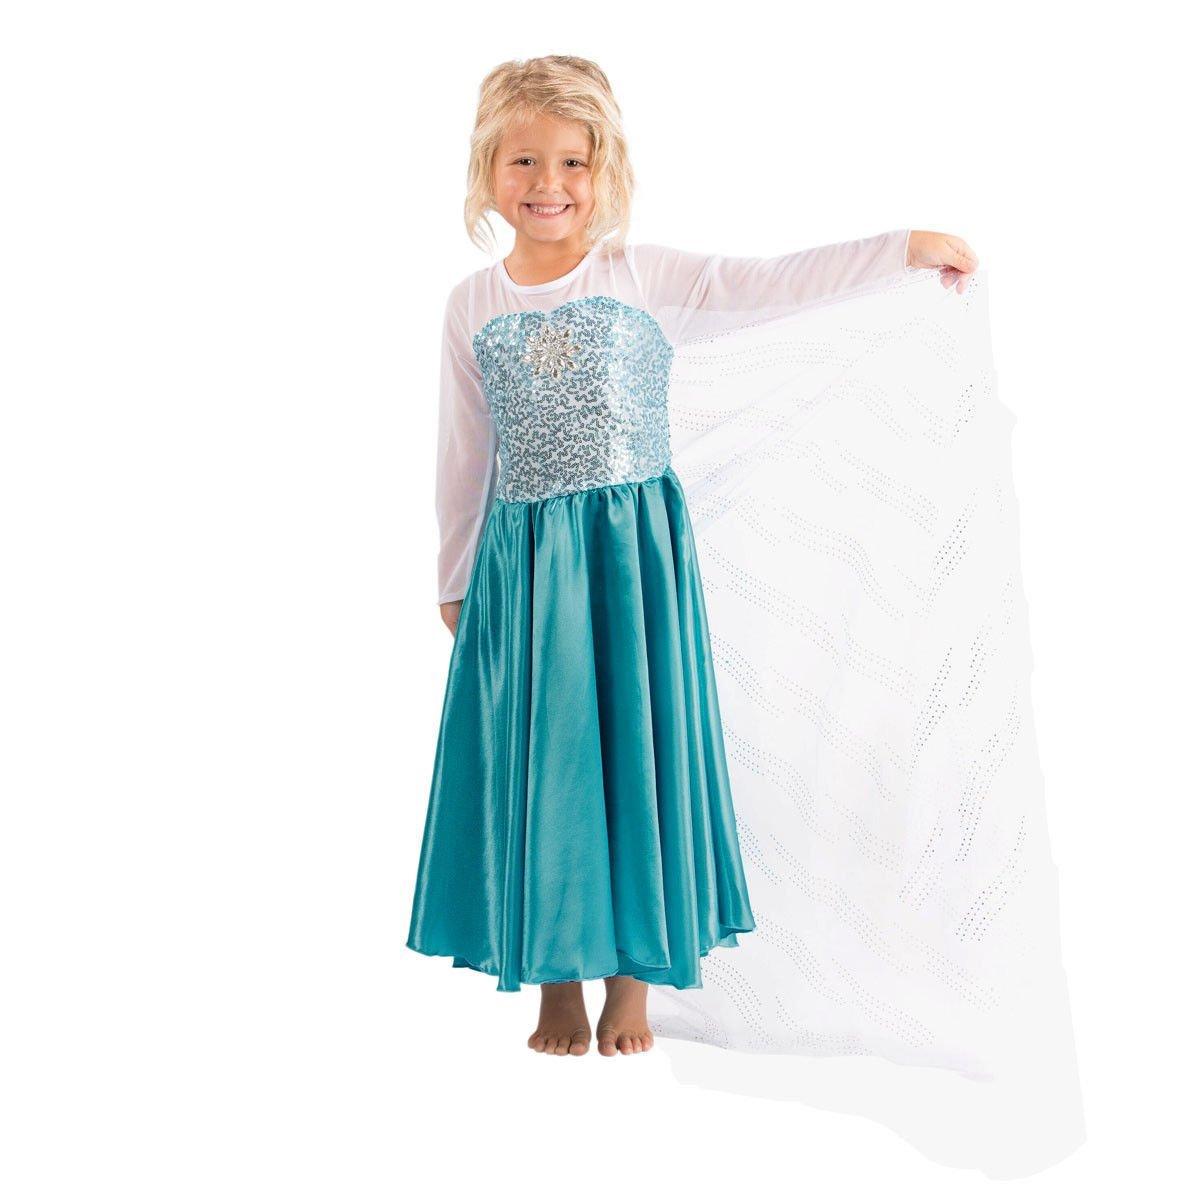 Katara - Vestido de princesa Elsa de Frozen Reina de la Nieve traje de disfraz con lentejuelas y tren de tul, azul-blanco para niñas de 2-3 años: Amazon.es: ...